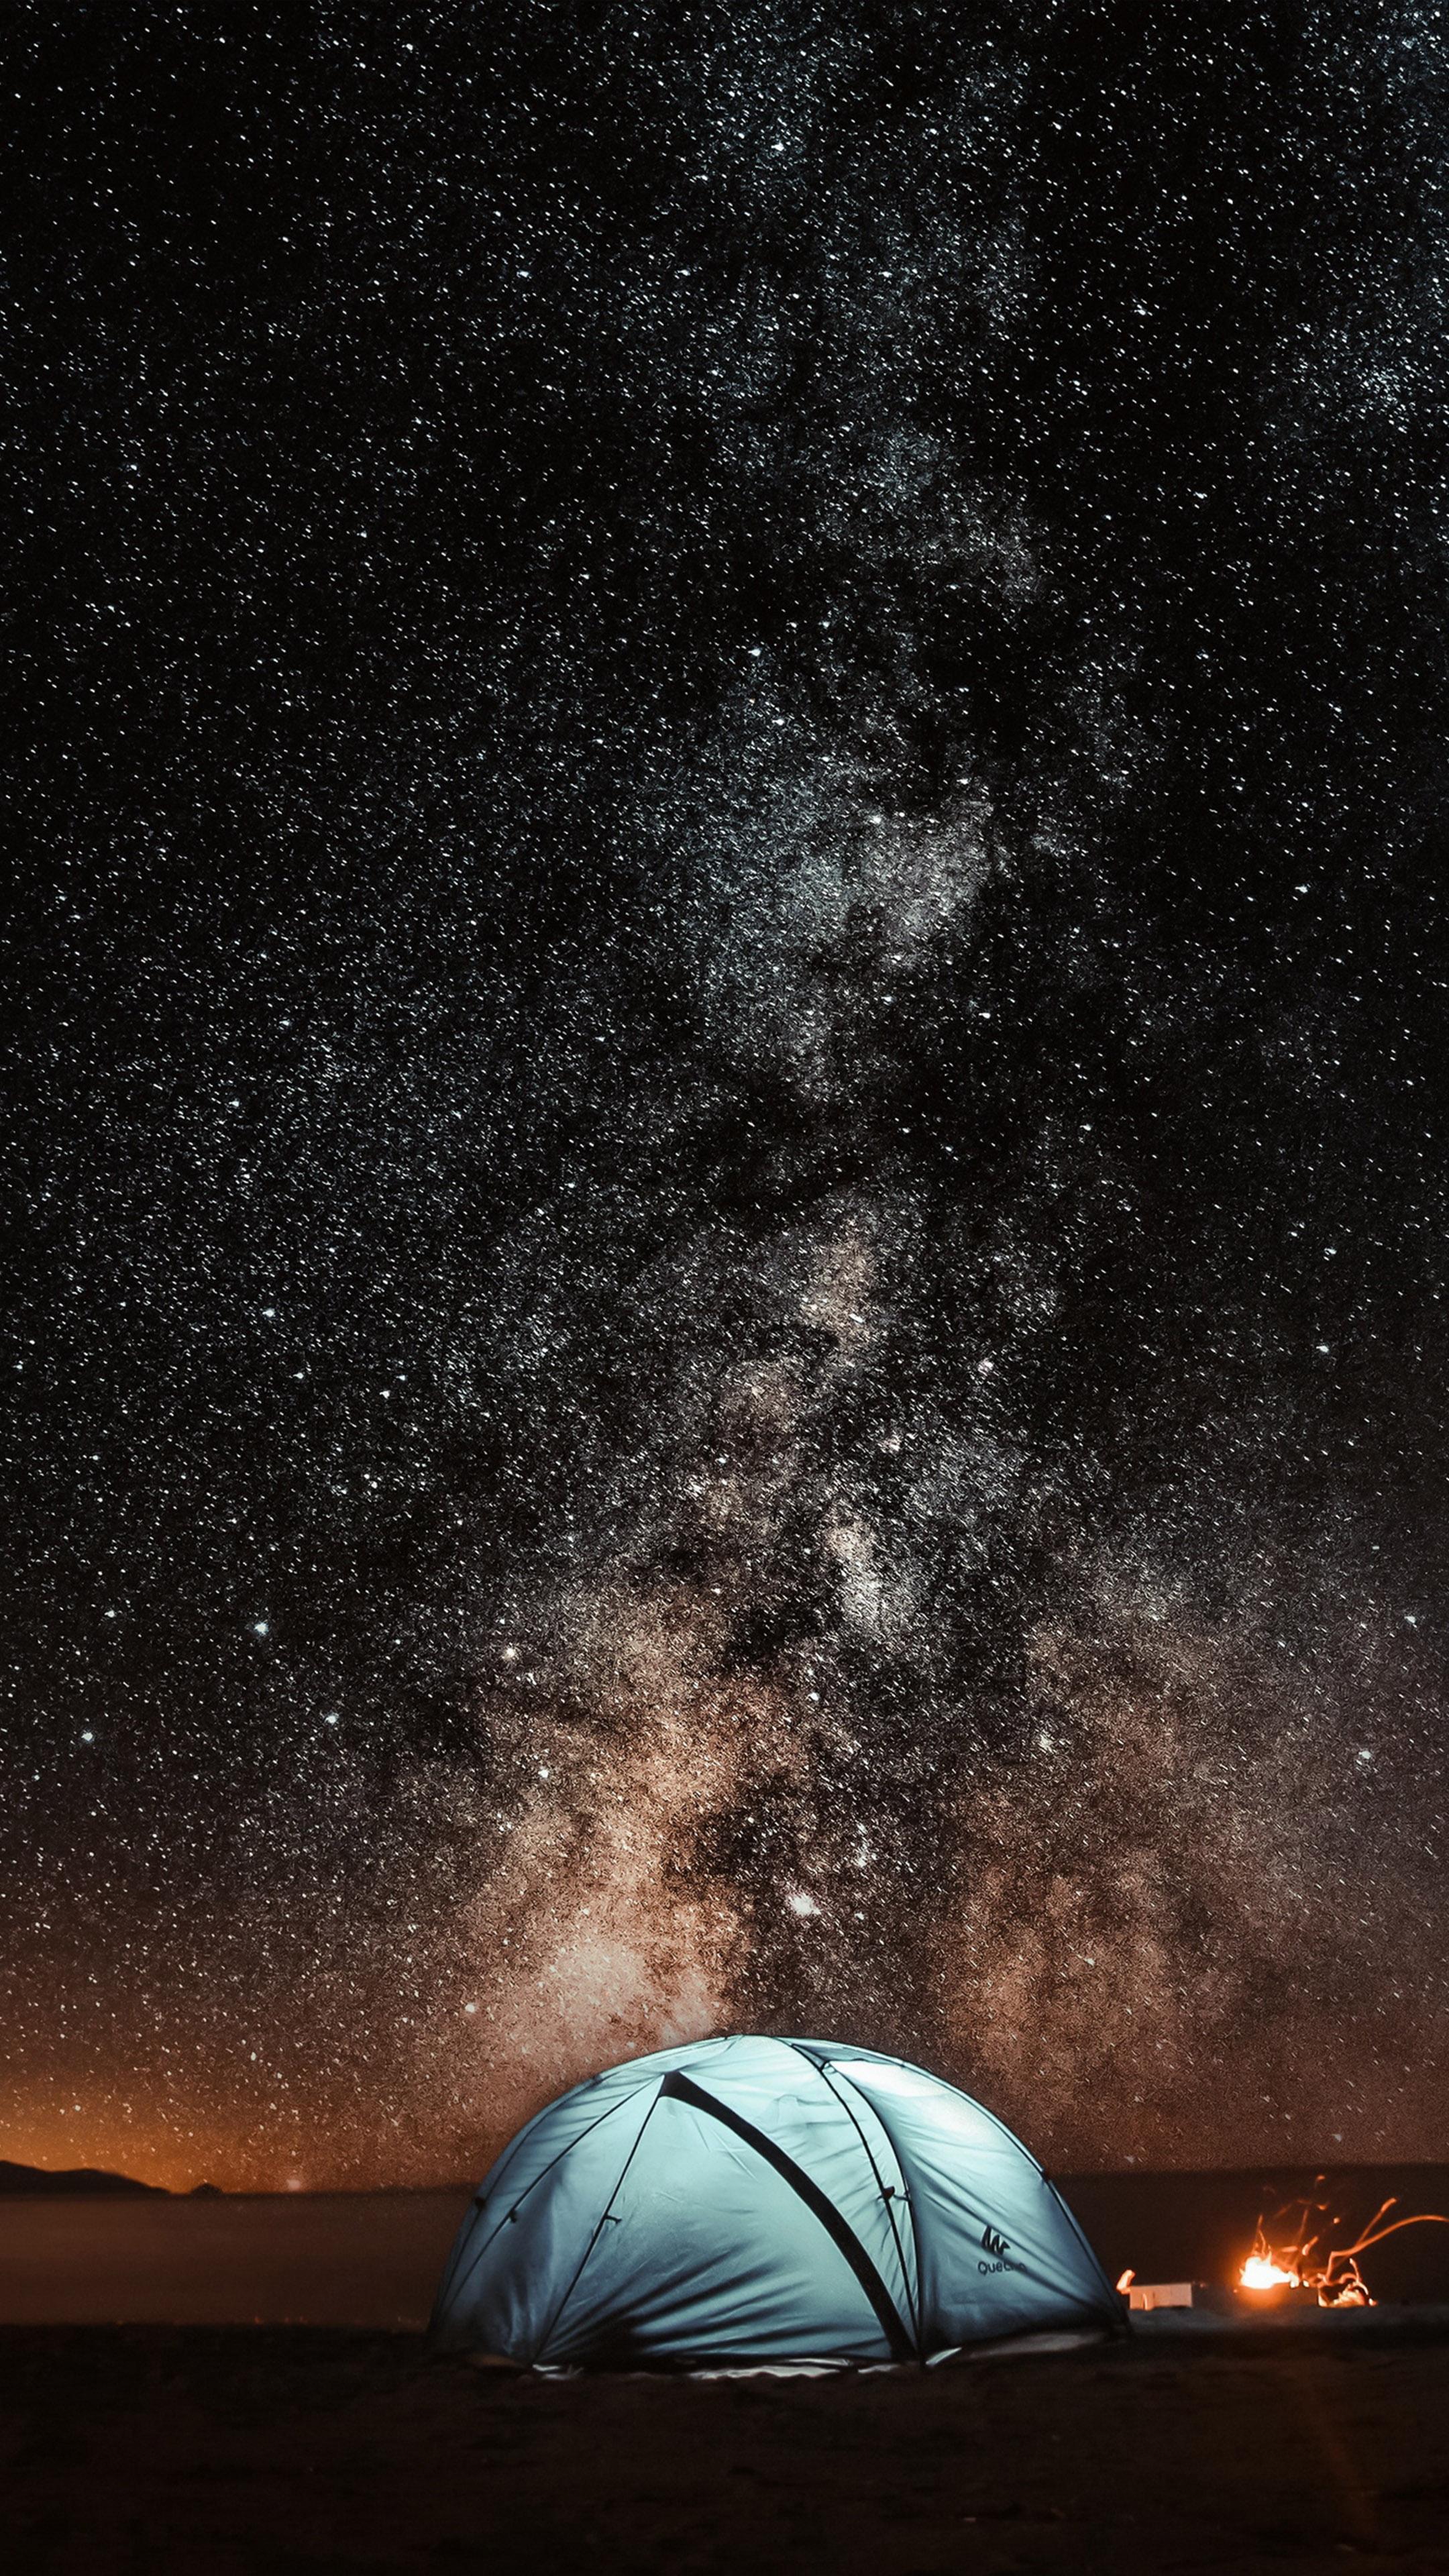 Ảnh nền đẹp 4k dành cho điện thoại - cắm trại dưới trời sao